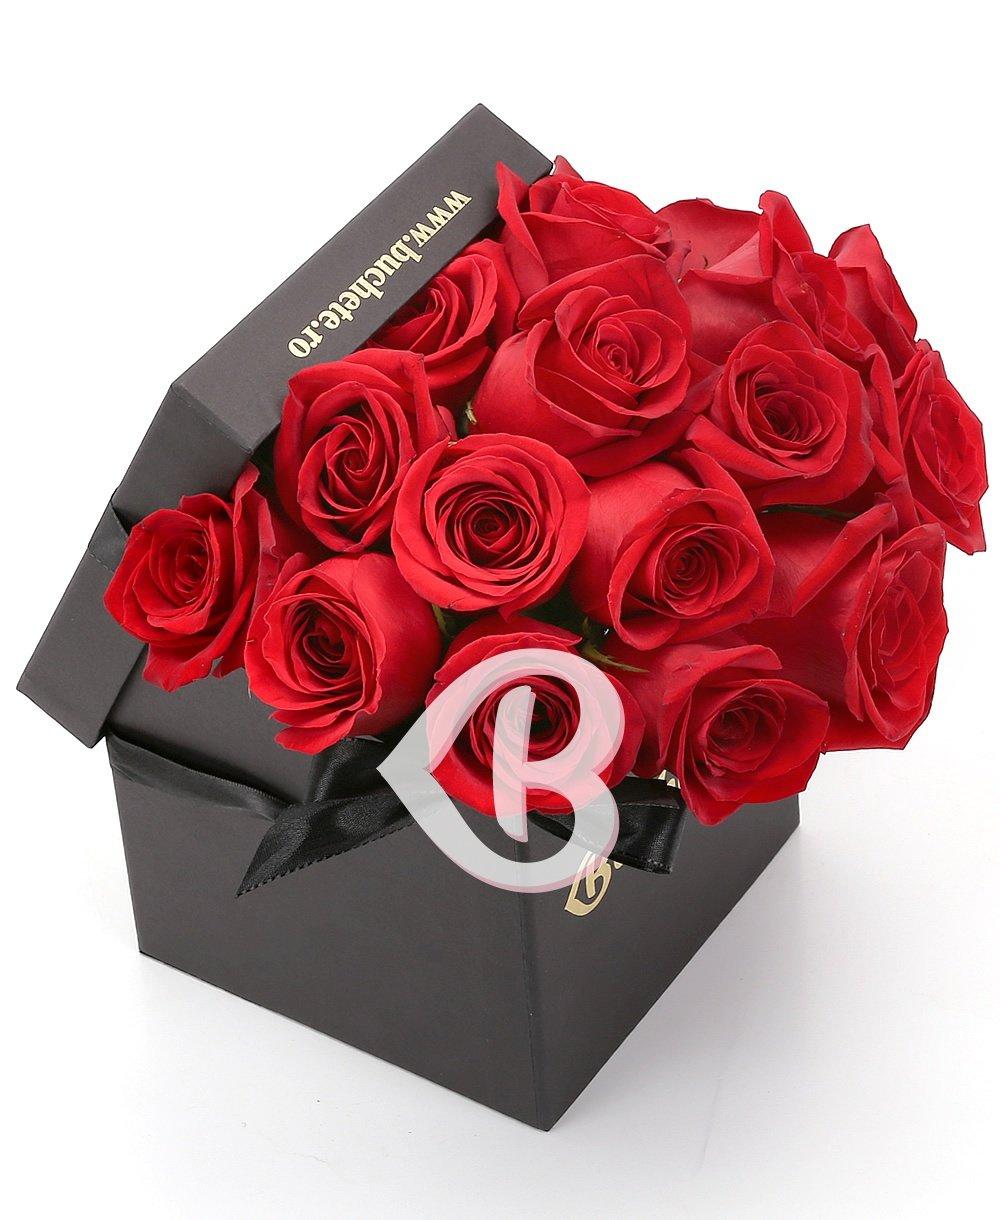 Imaginea produsului 17 Trandafiri Roșii In Cutie